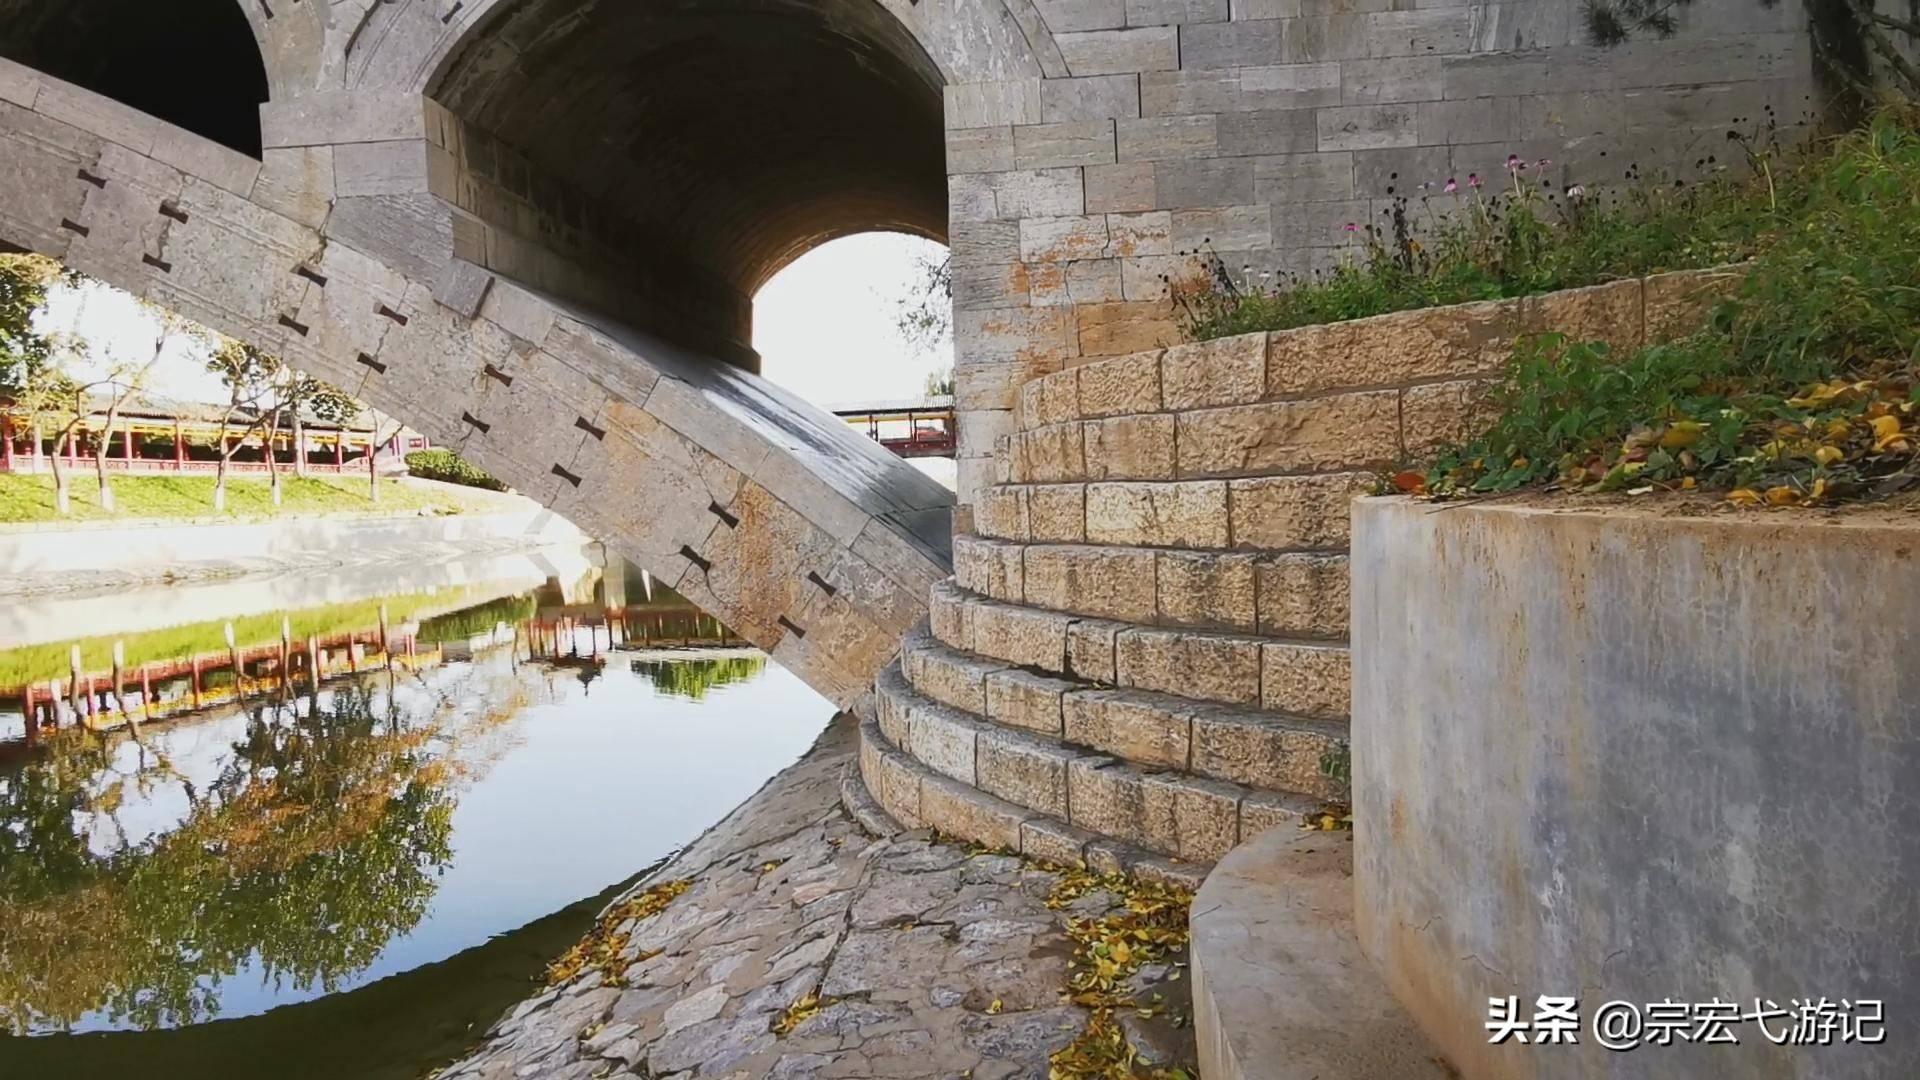 赵州桥建于哪个朝代(赵州桥的历史意义)